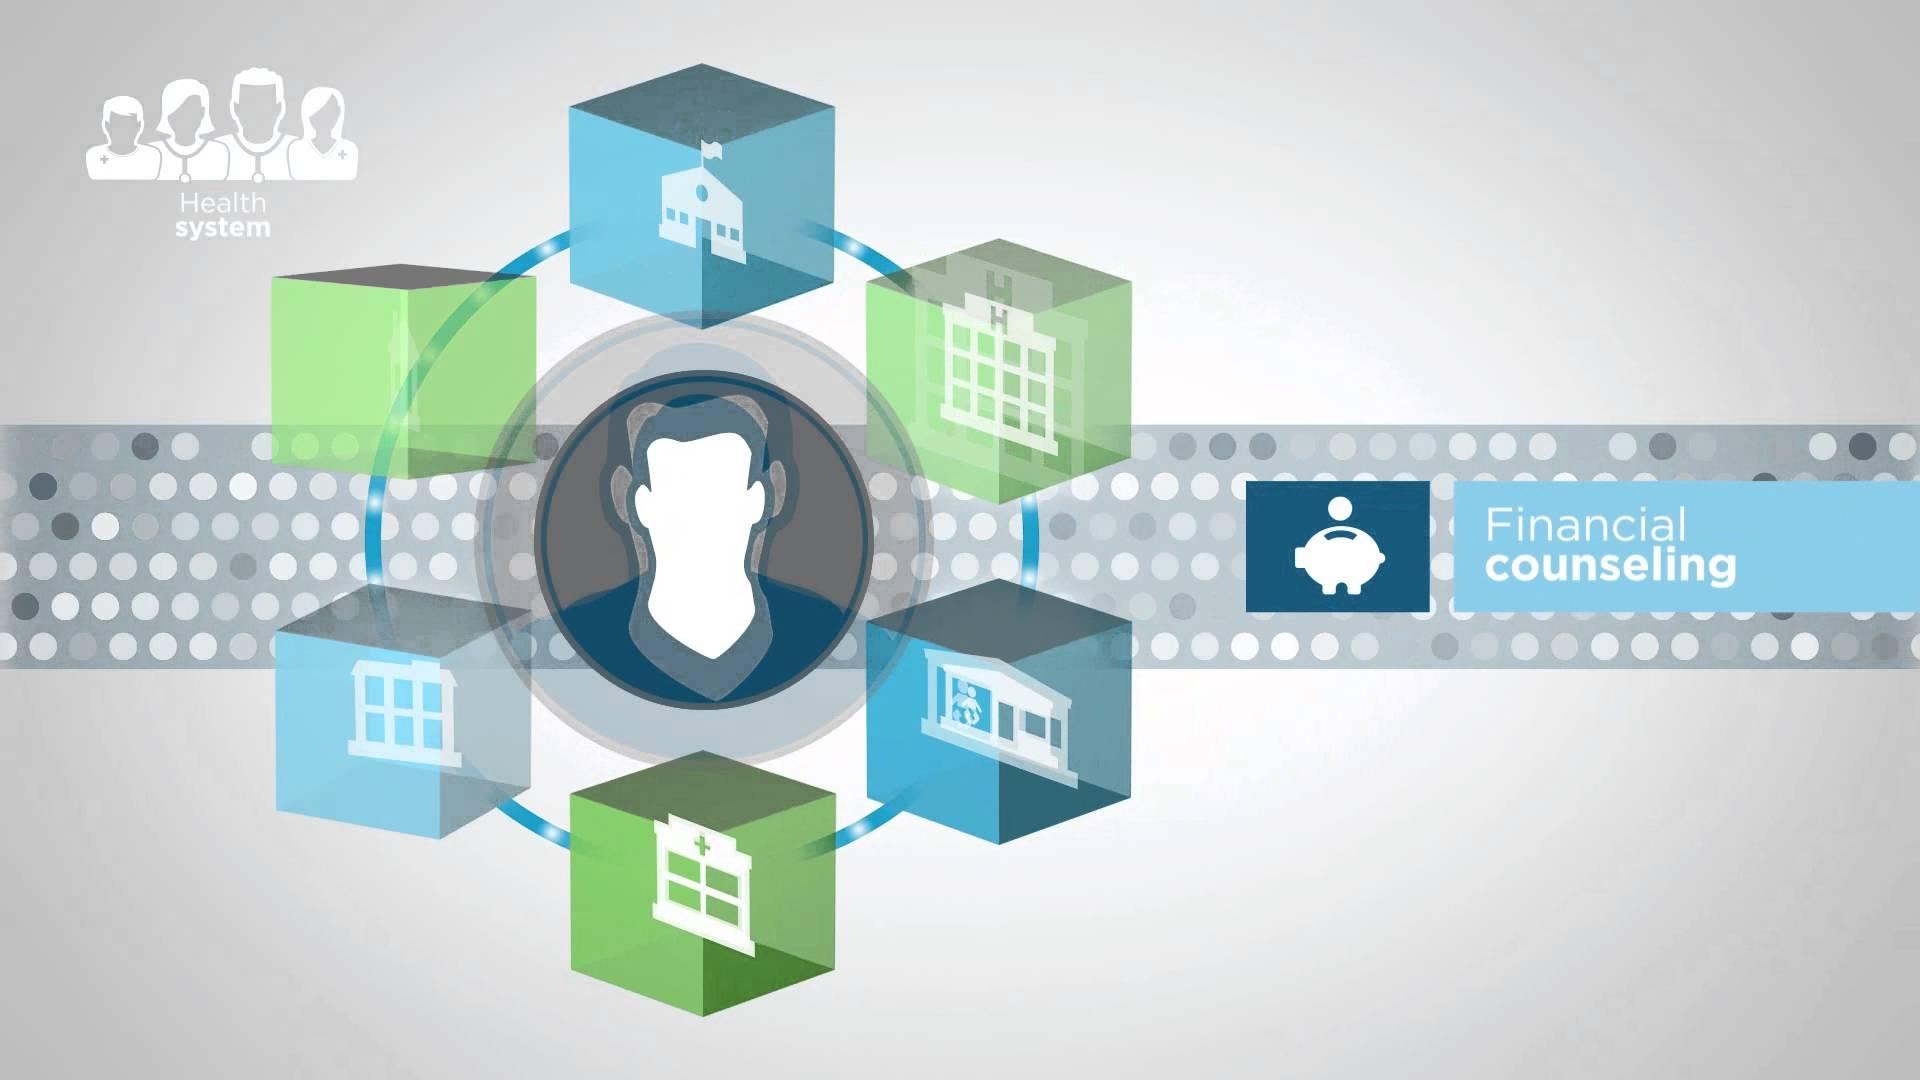 Cerner Integrated Health Solutions 2020 Vision